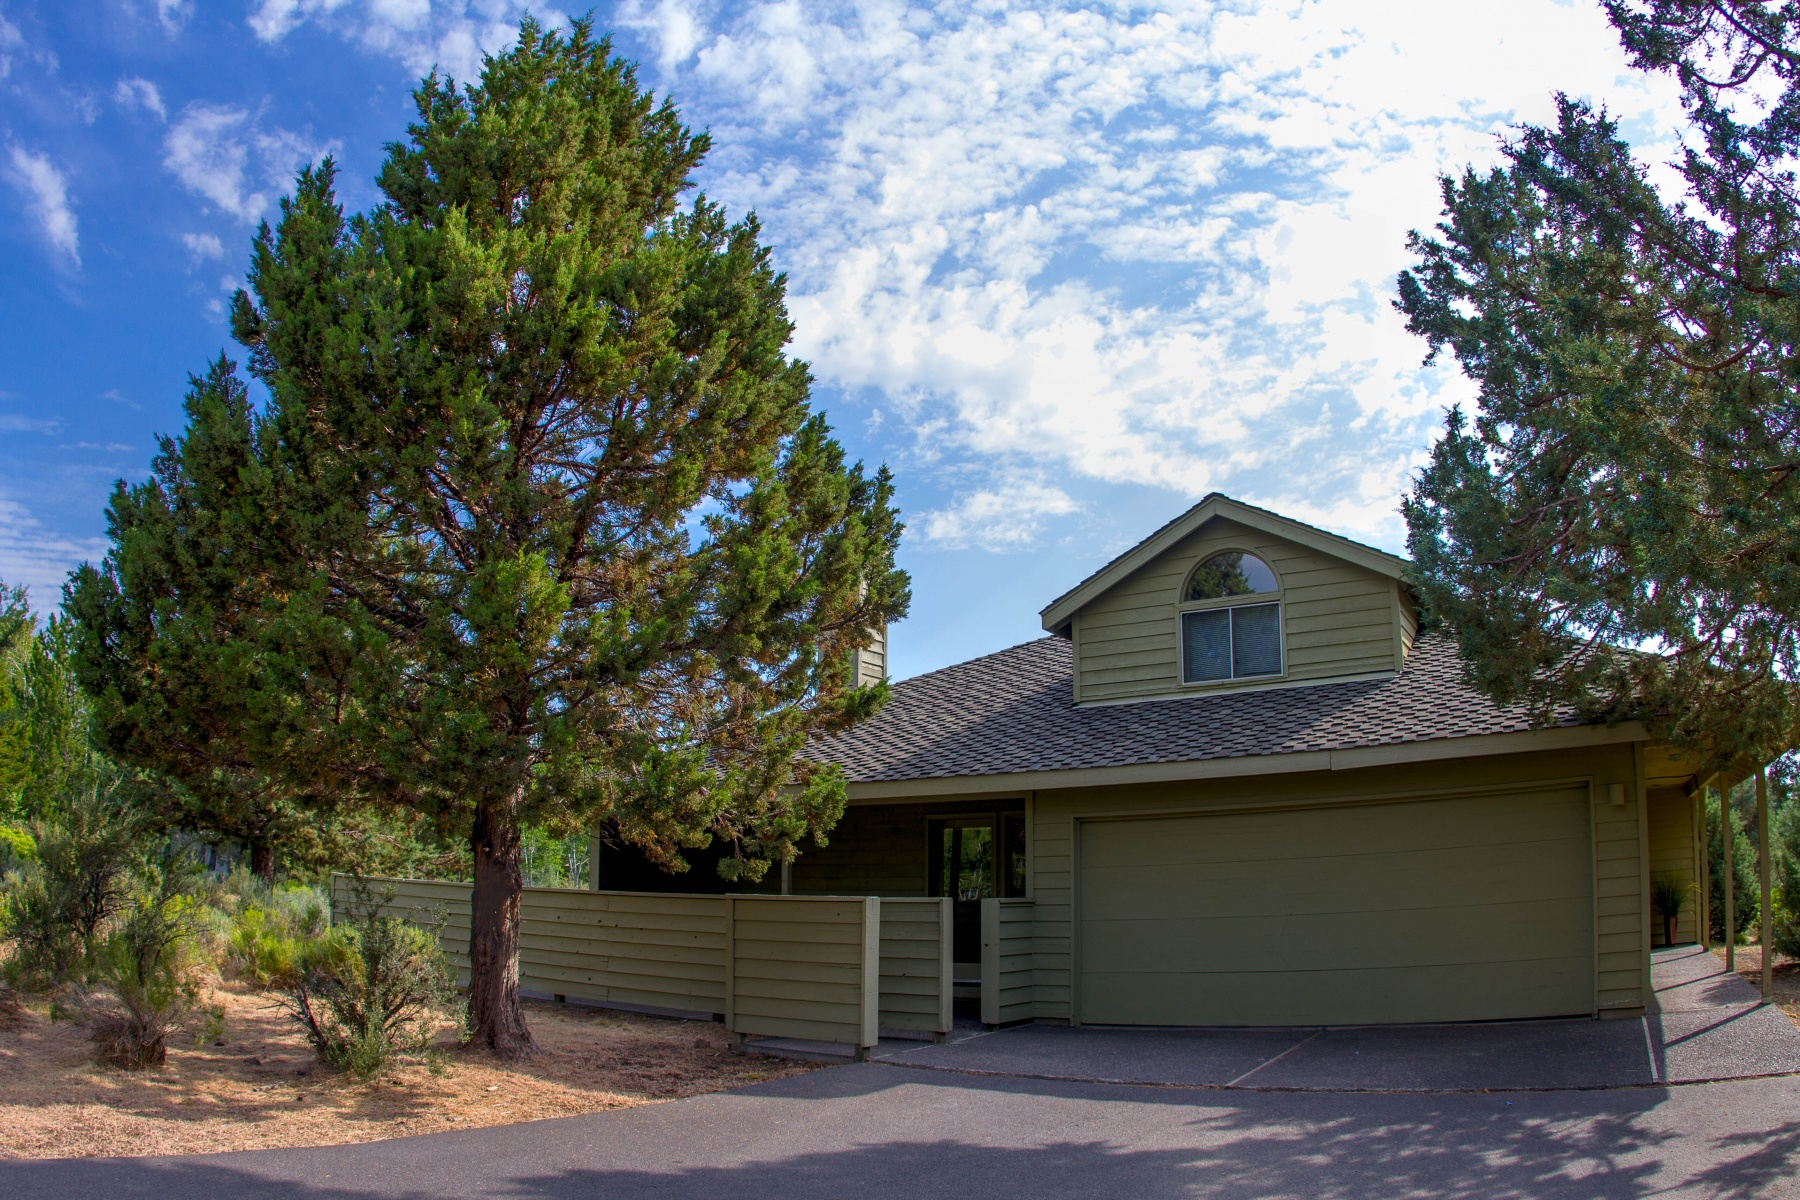 Nhà ở một gia đình vì Bán tại 19675 Sunshine Way, BEND Bend, Oregon 97702 Hoa Kỳ